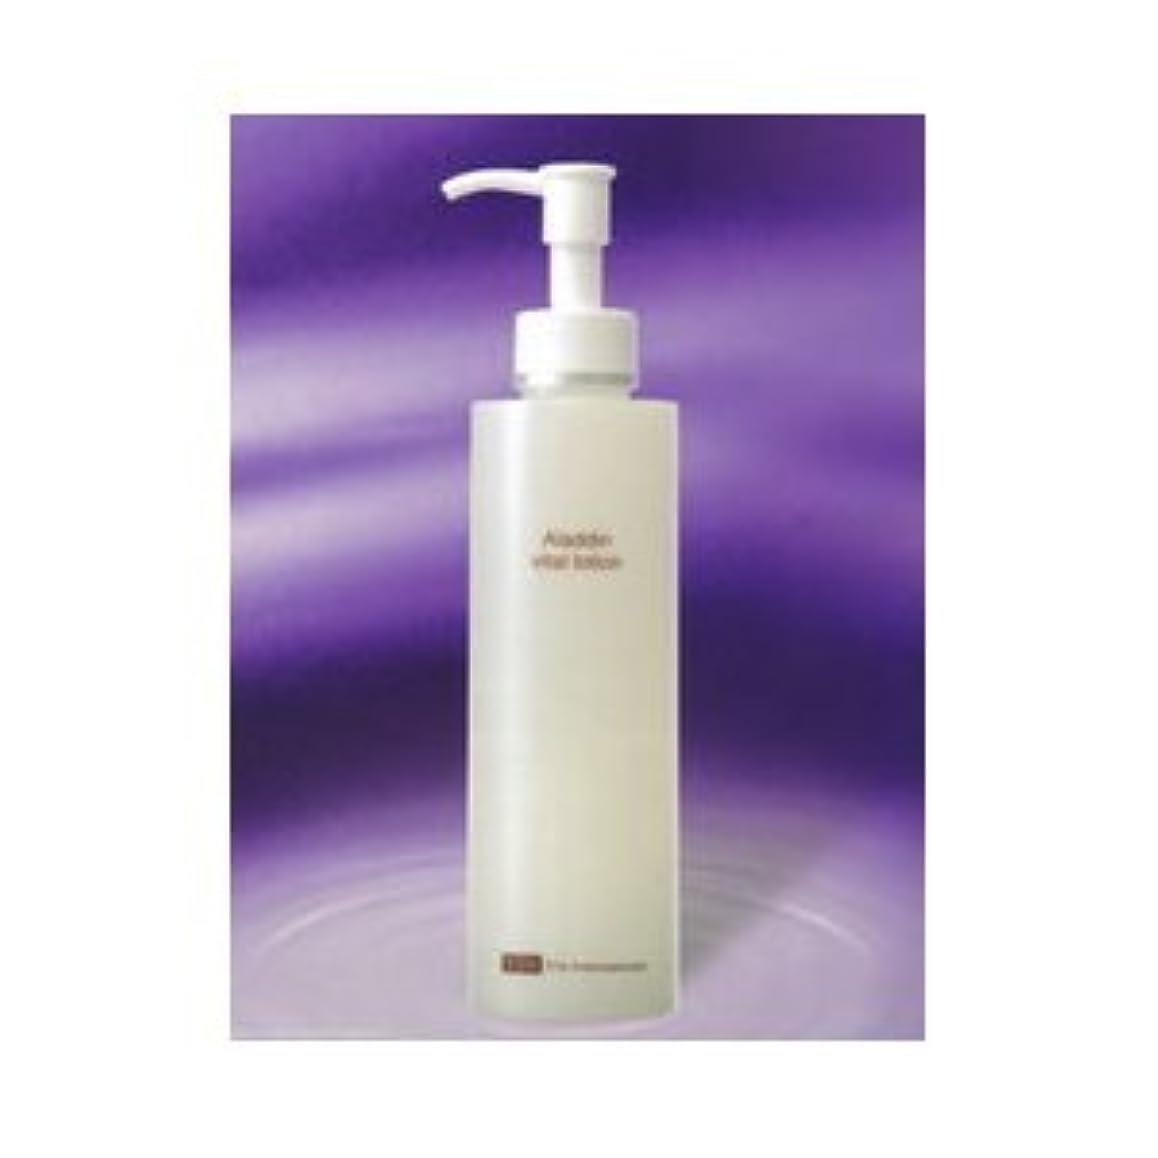 イオニート バイタルローション 保湿化粧水 200ml アラジンシリーズ